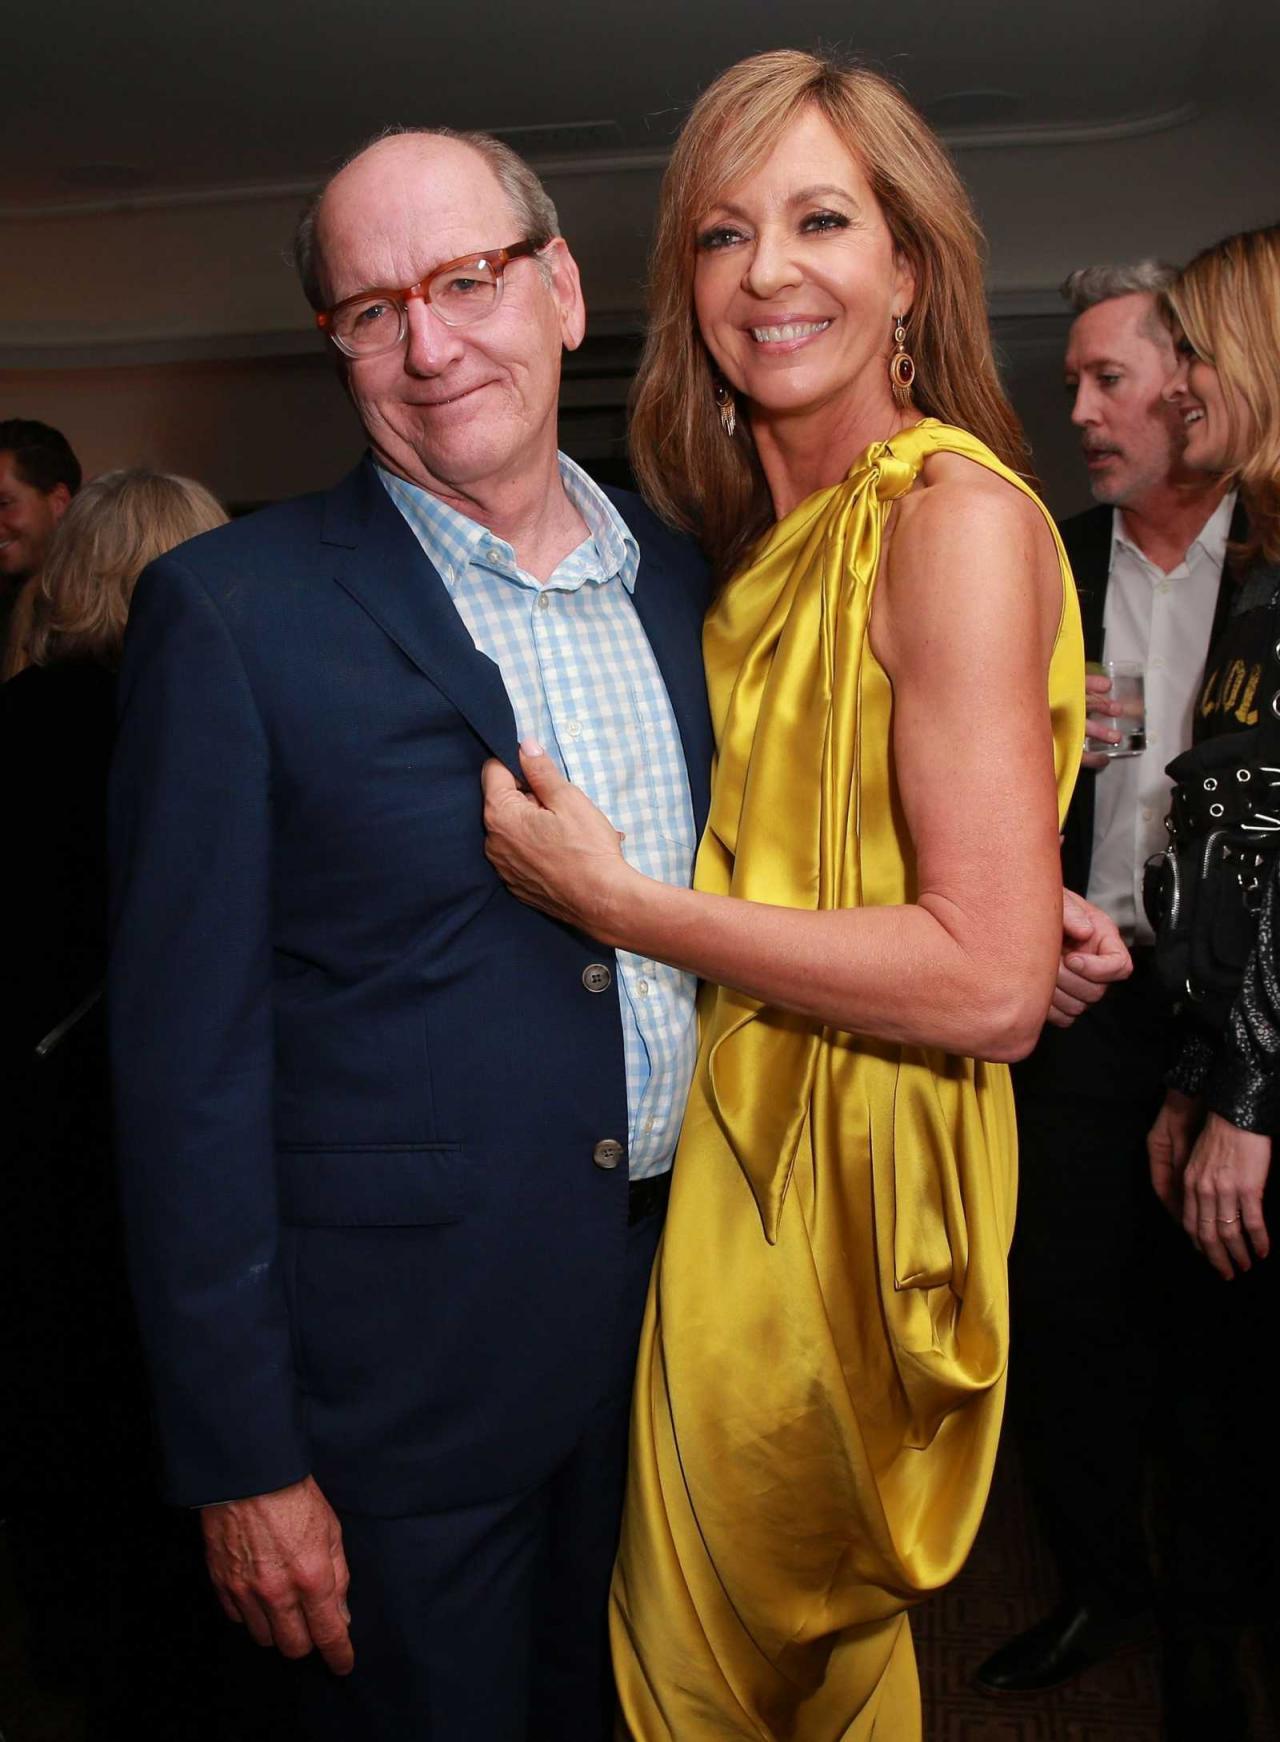 ปาร์ตี้เบาๆ ก่อนออสการ์ Gersh Oscar Party ที่ Chateau Marmont  (ขวามือ) อลิสัน แจนนีย์ หลายคนเชียร์ให้เธอได้ออสการ์ สมทบหญิงยอดเยี่ยมจากเรื่อง ไอทอนย่า I, Tonya